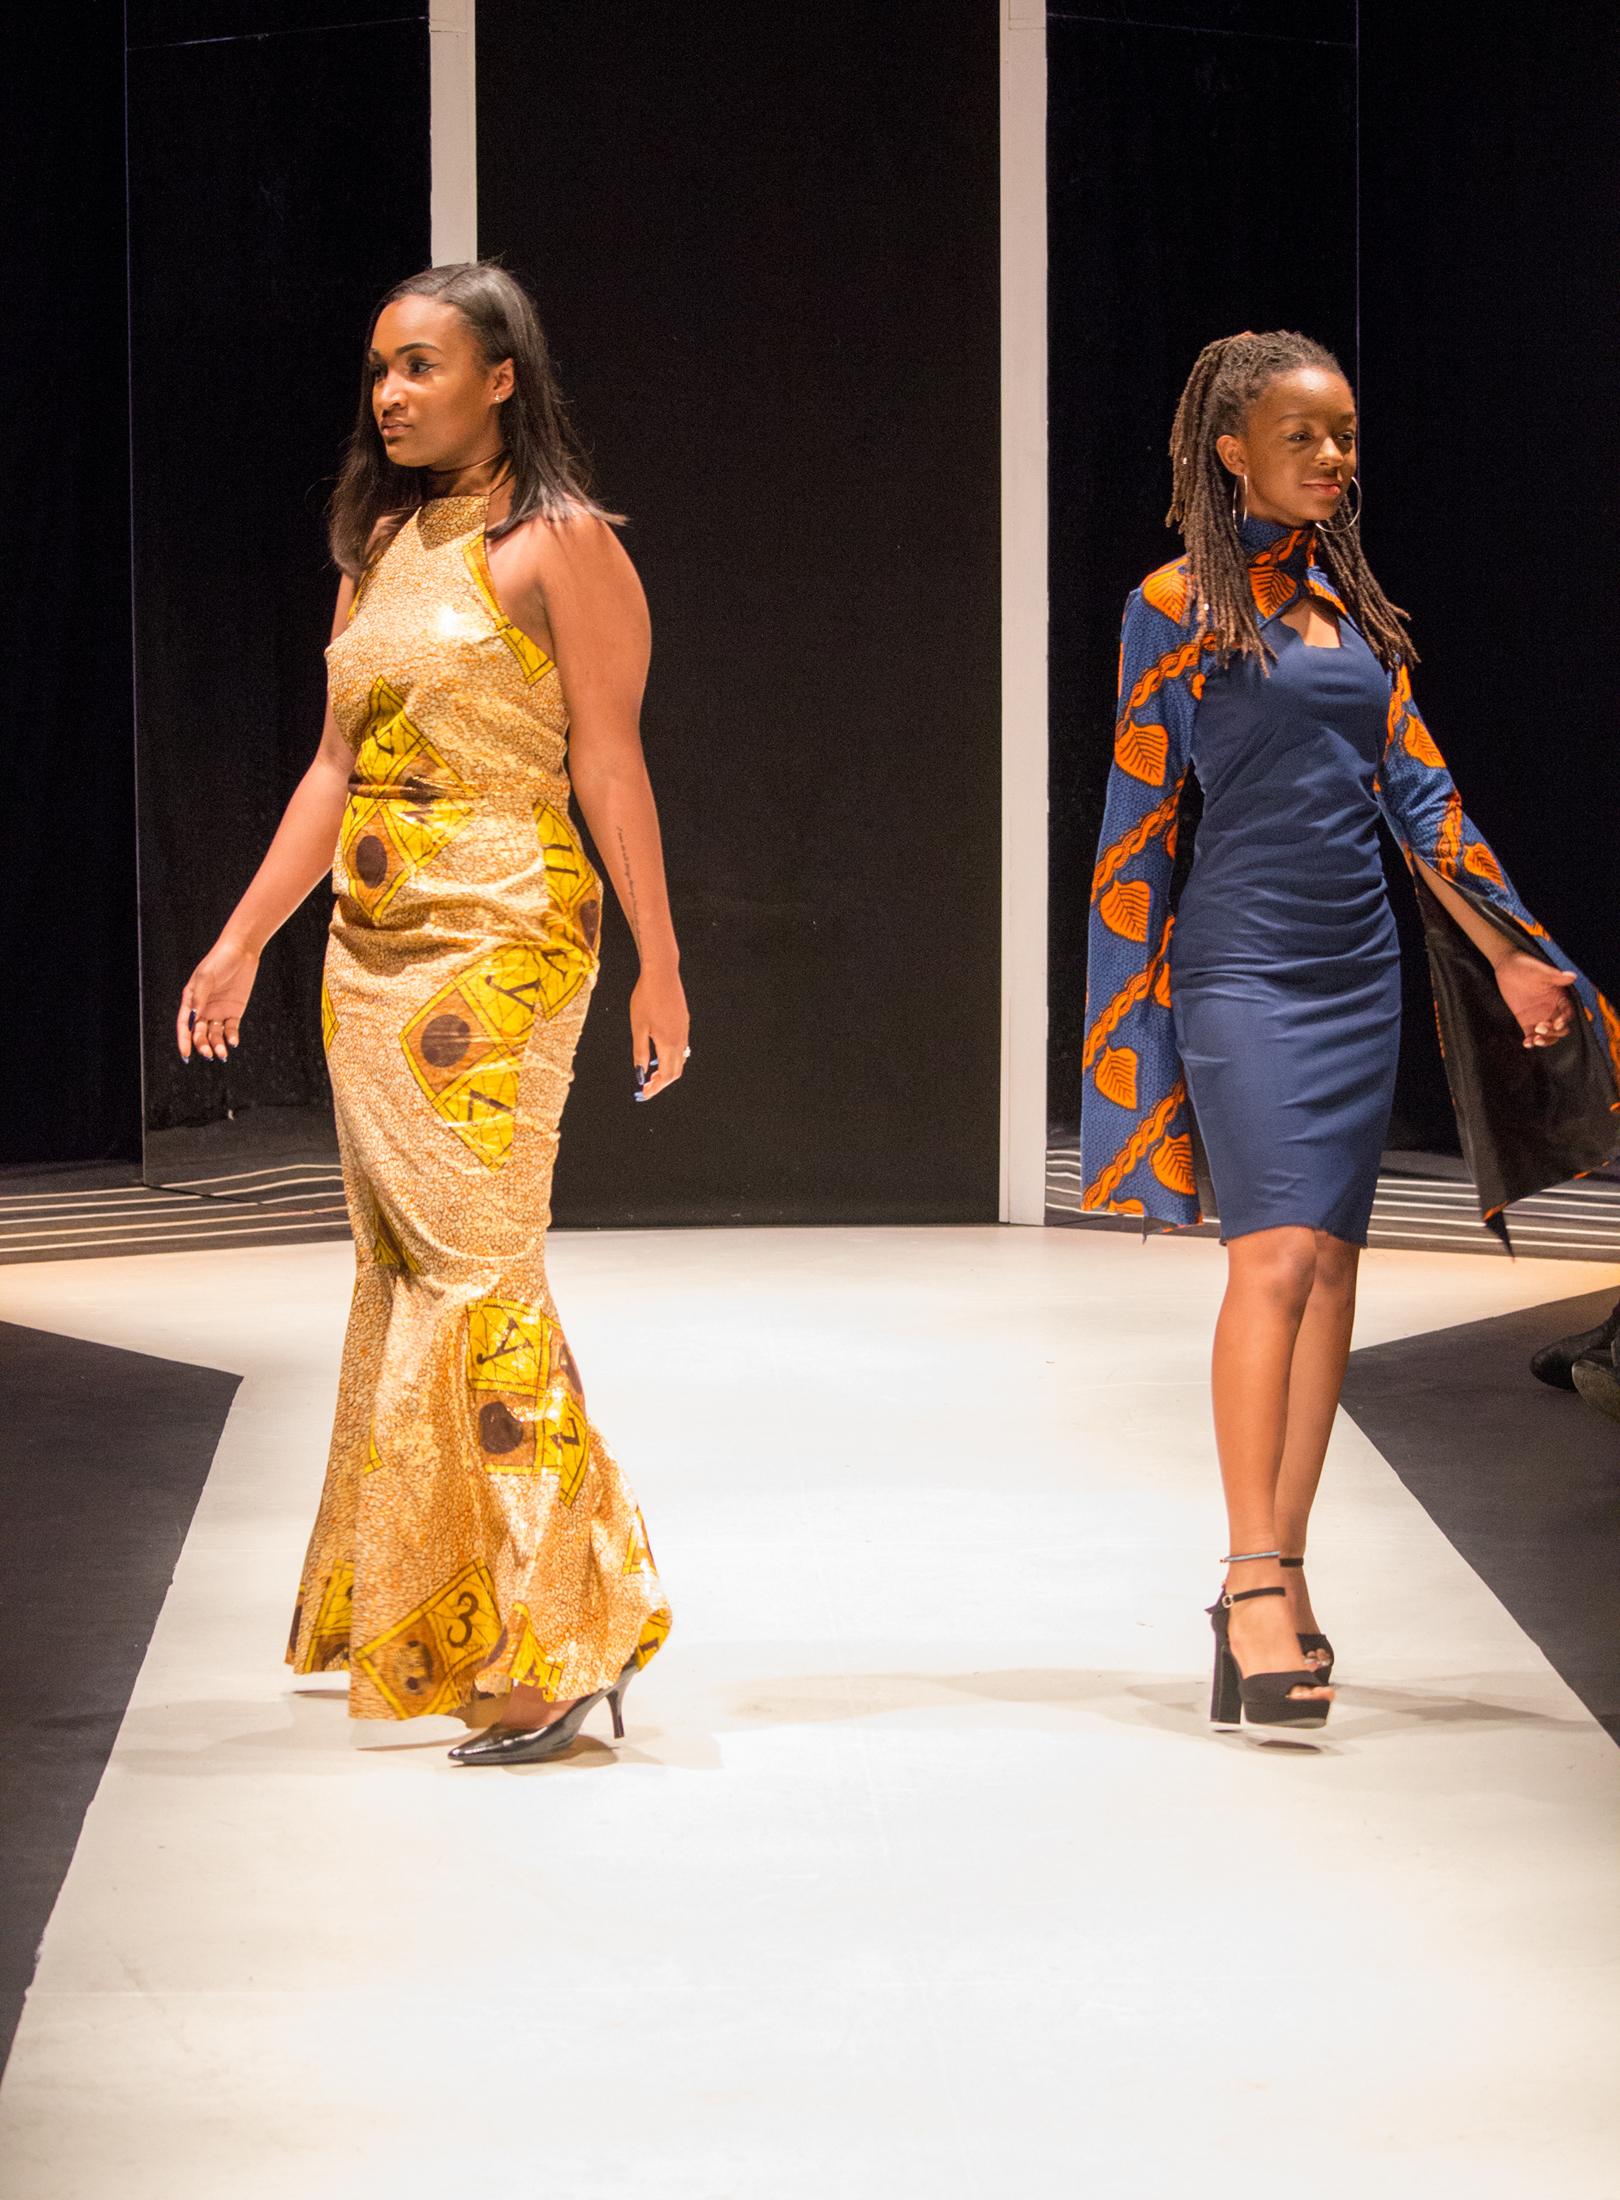 OSA-Fashion-2017-Najaye Buford-GregGutbezahl-17.jpg